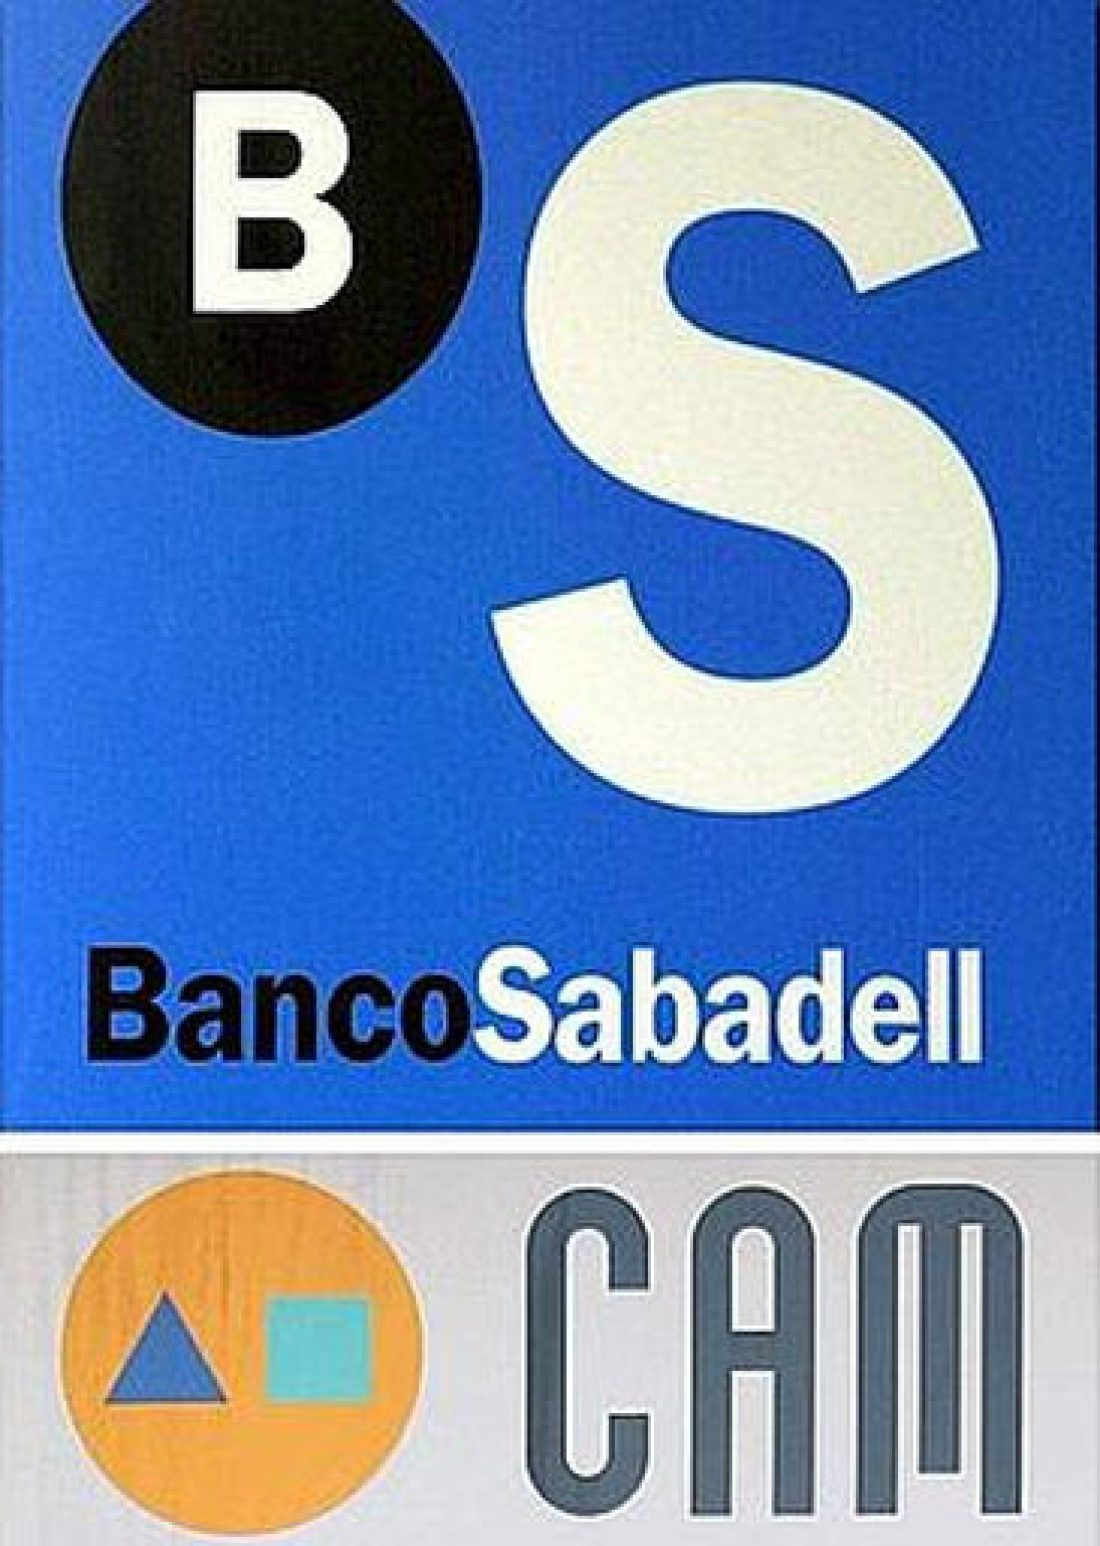 CGT consigue representación sindical en el Banco de Sabadell en Alicante